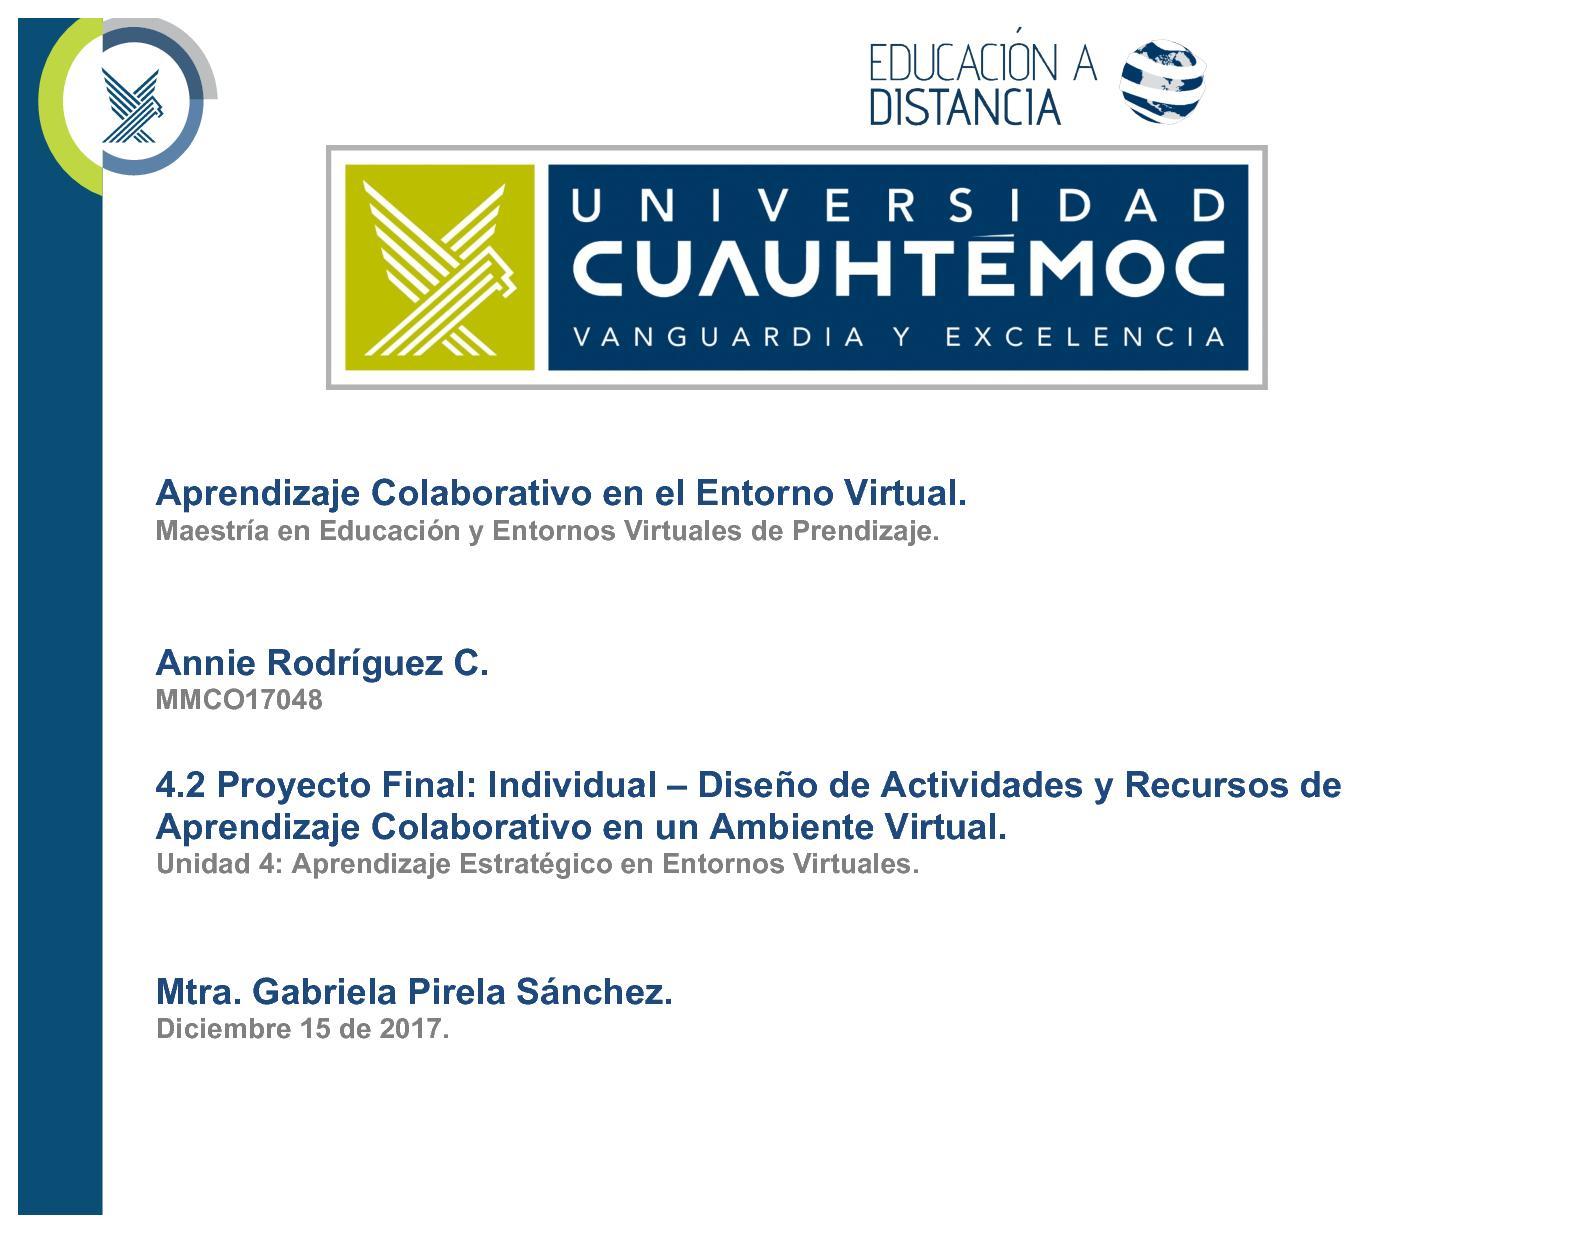 Calaméo - Proyecto Final Actividad Colaborativa